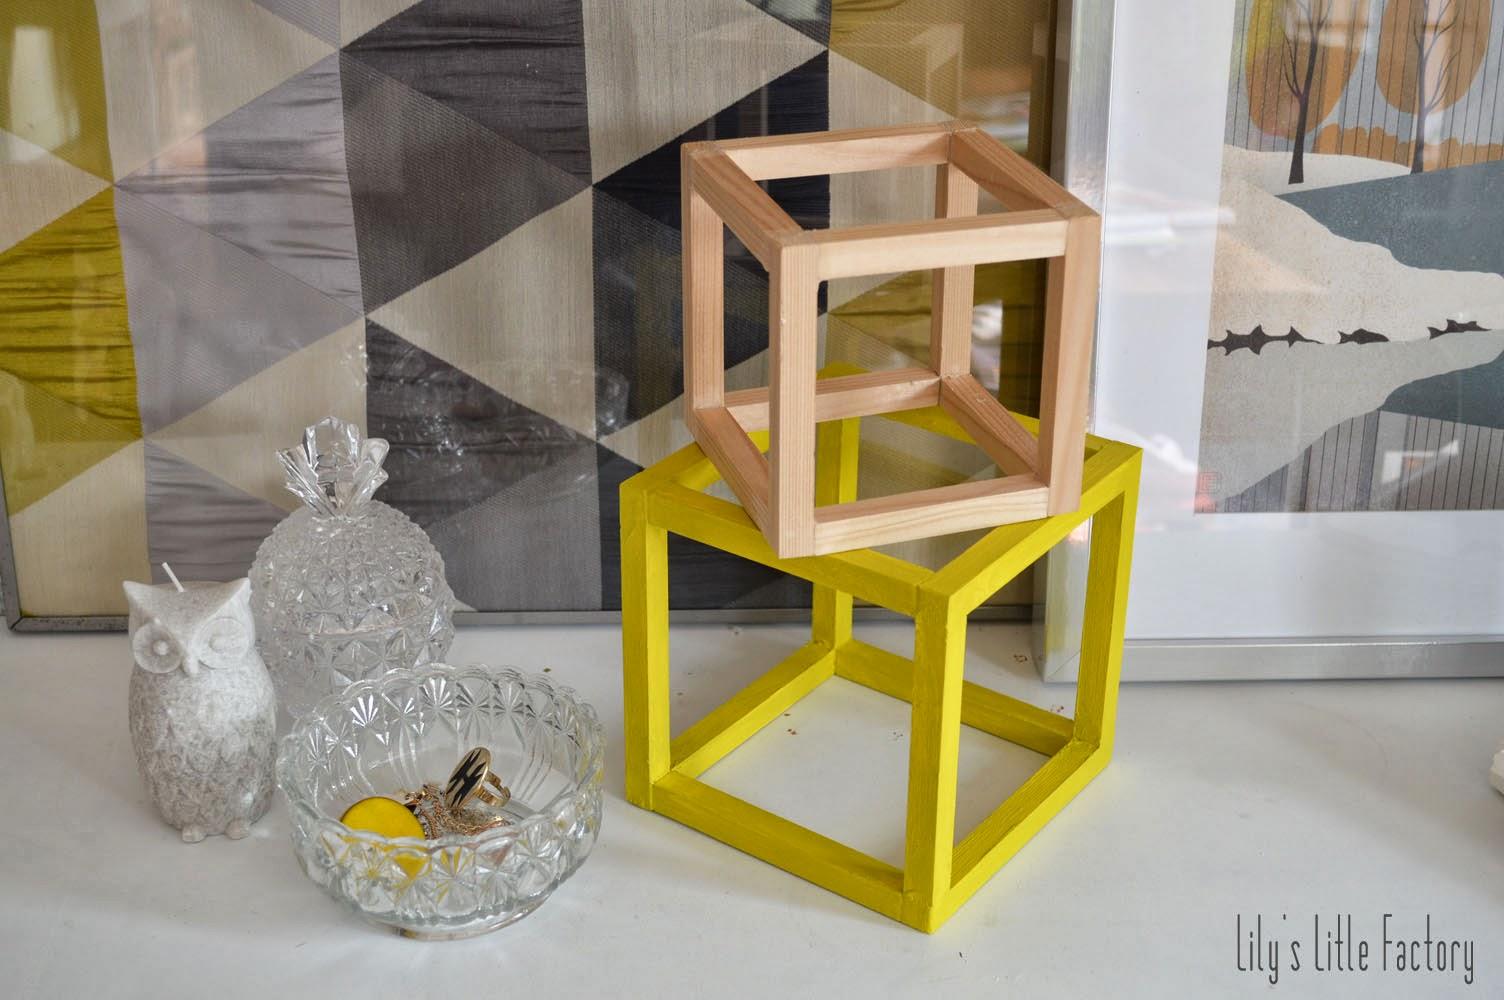 objet d co des cubes en bois couleur mimosa lily 39 s little factory blog diy bretagne. Black Bedroom Furniture Sets. Home Design Ideas